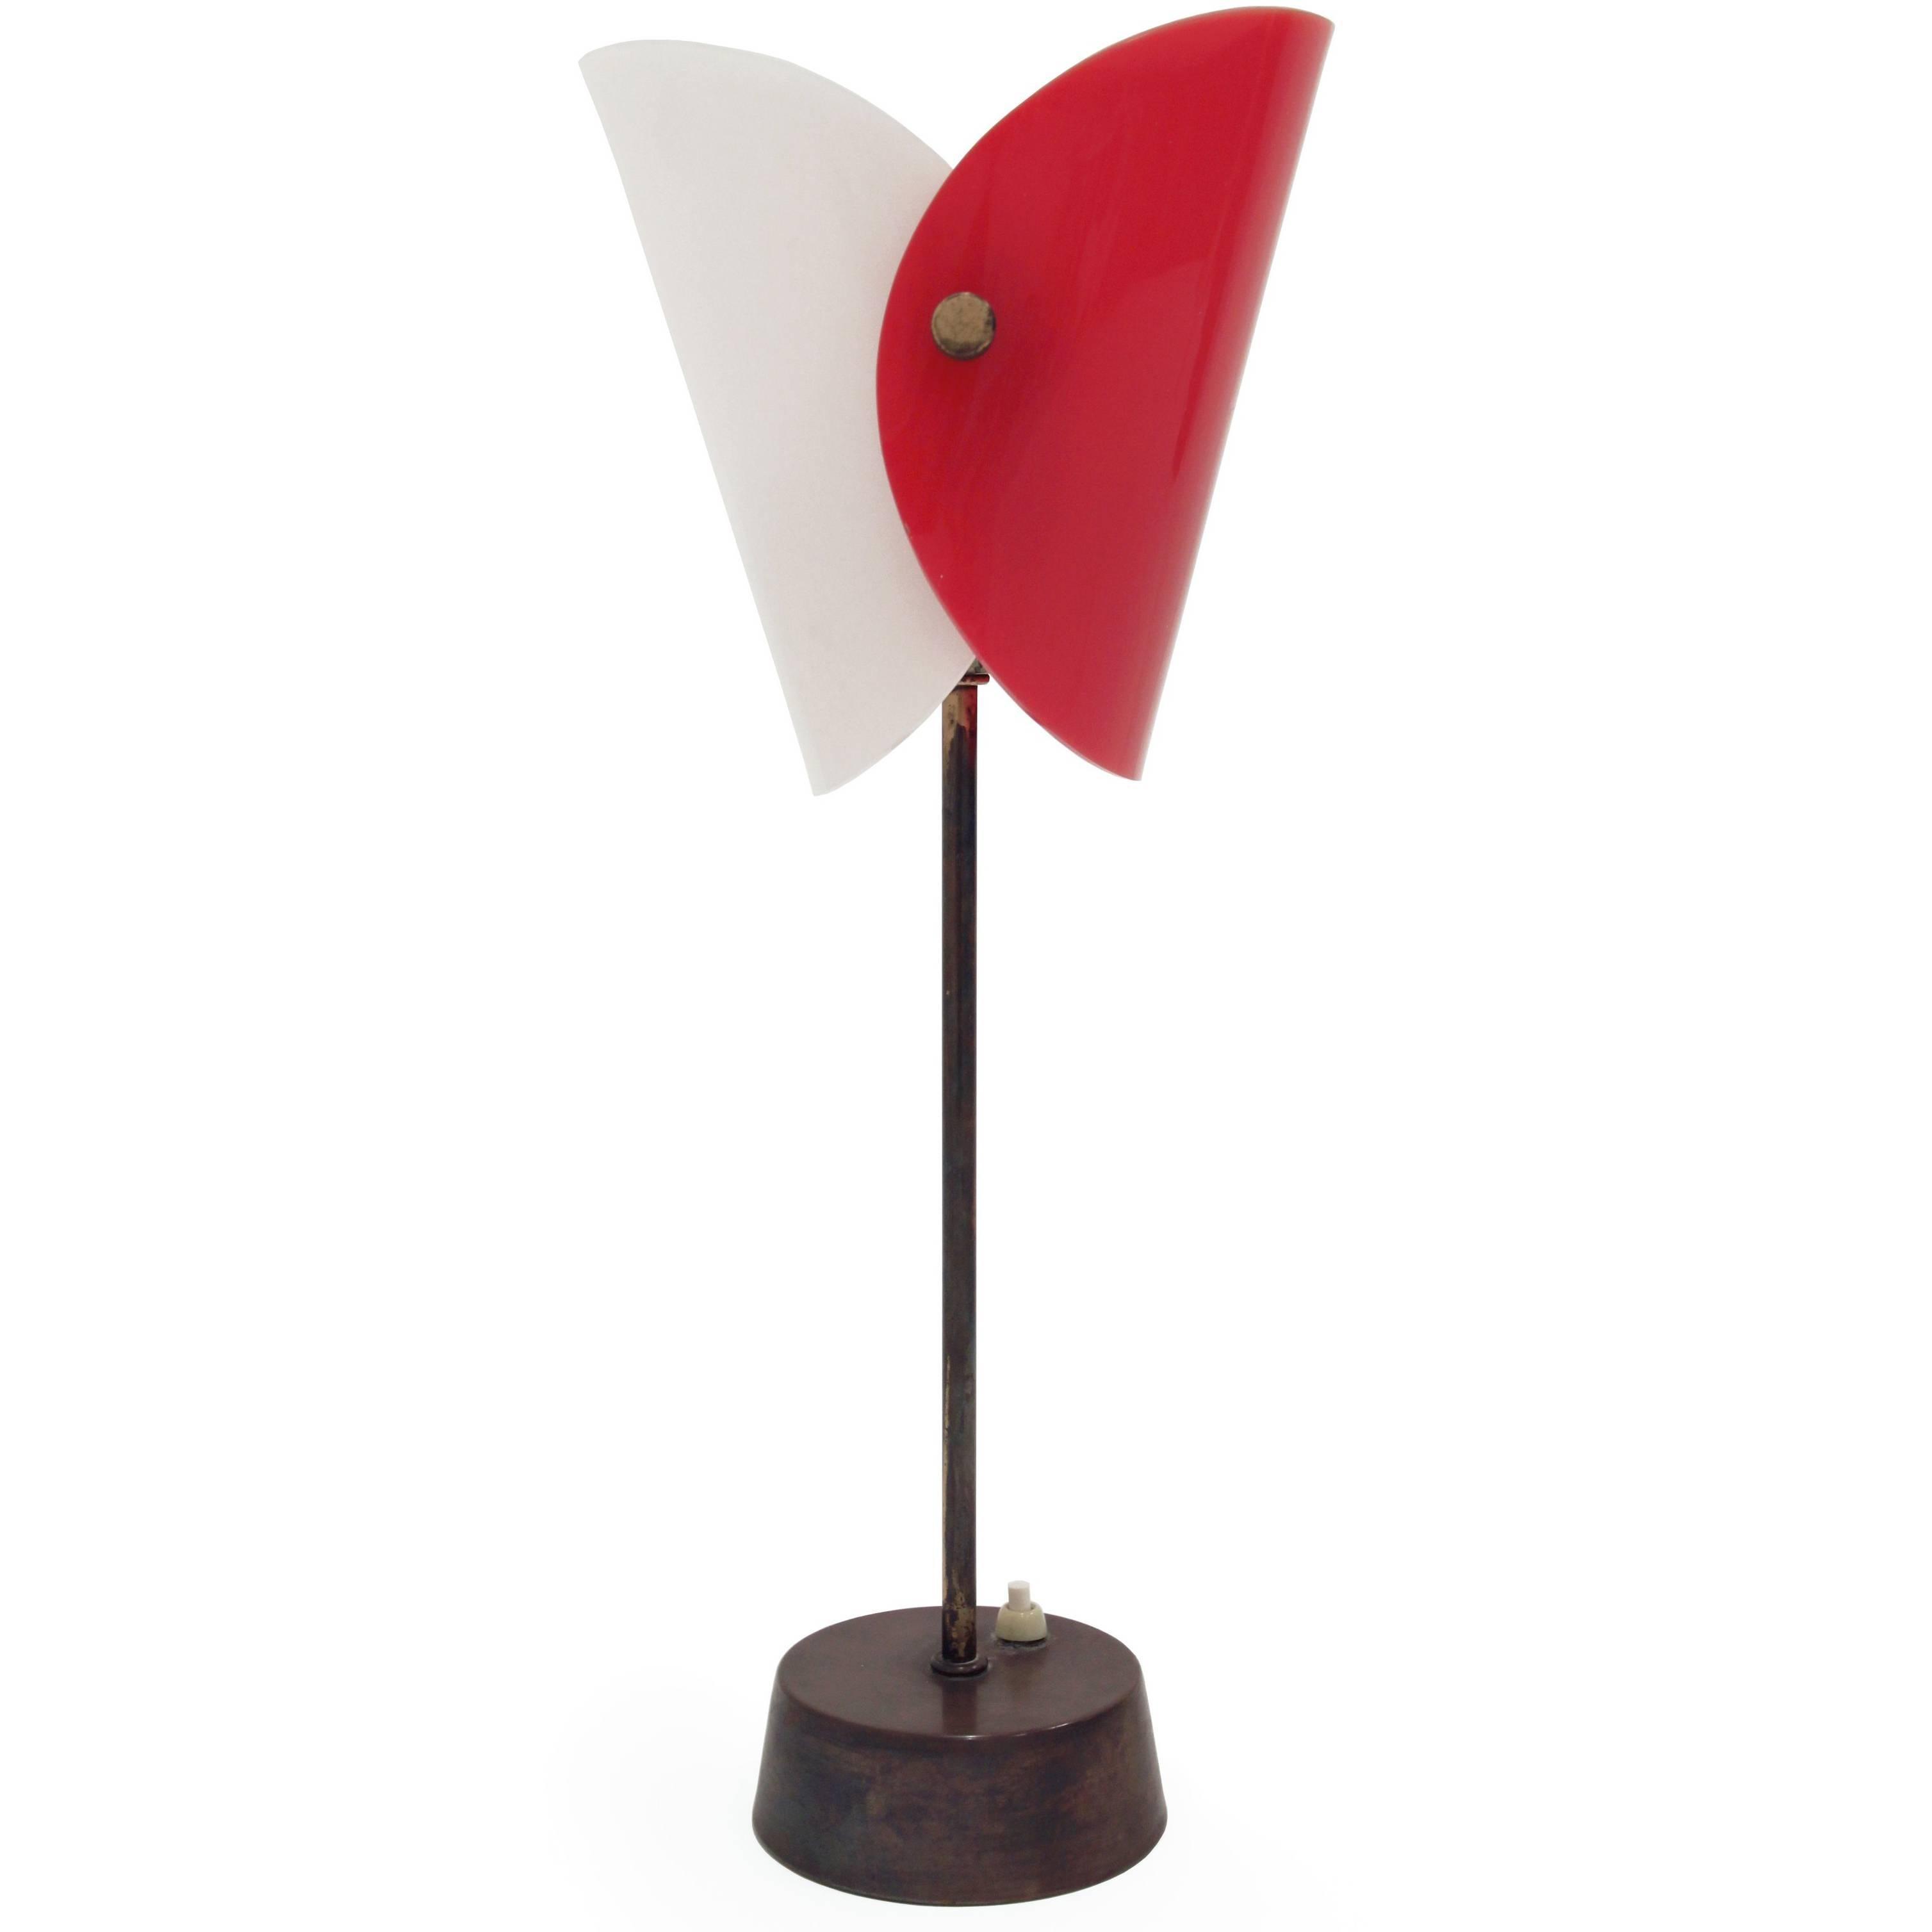 Scandinavian Table Lamp from KLK, 1960s